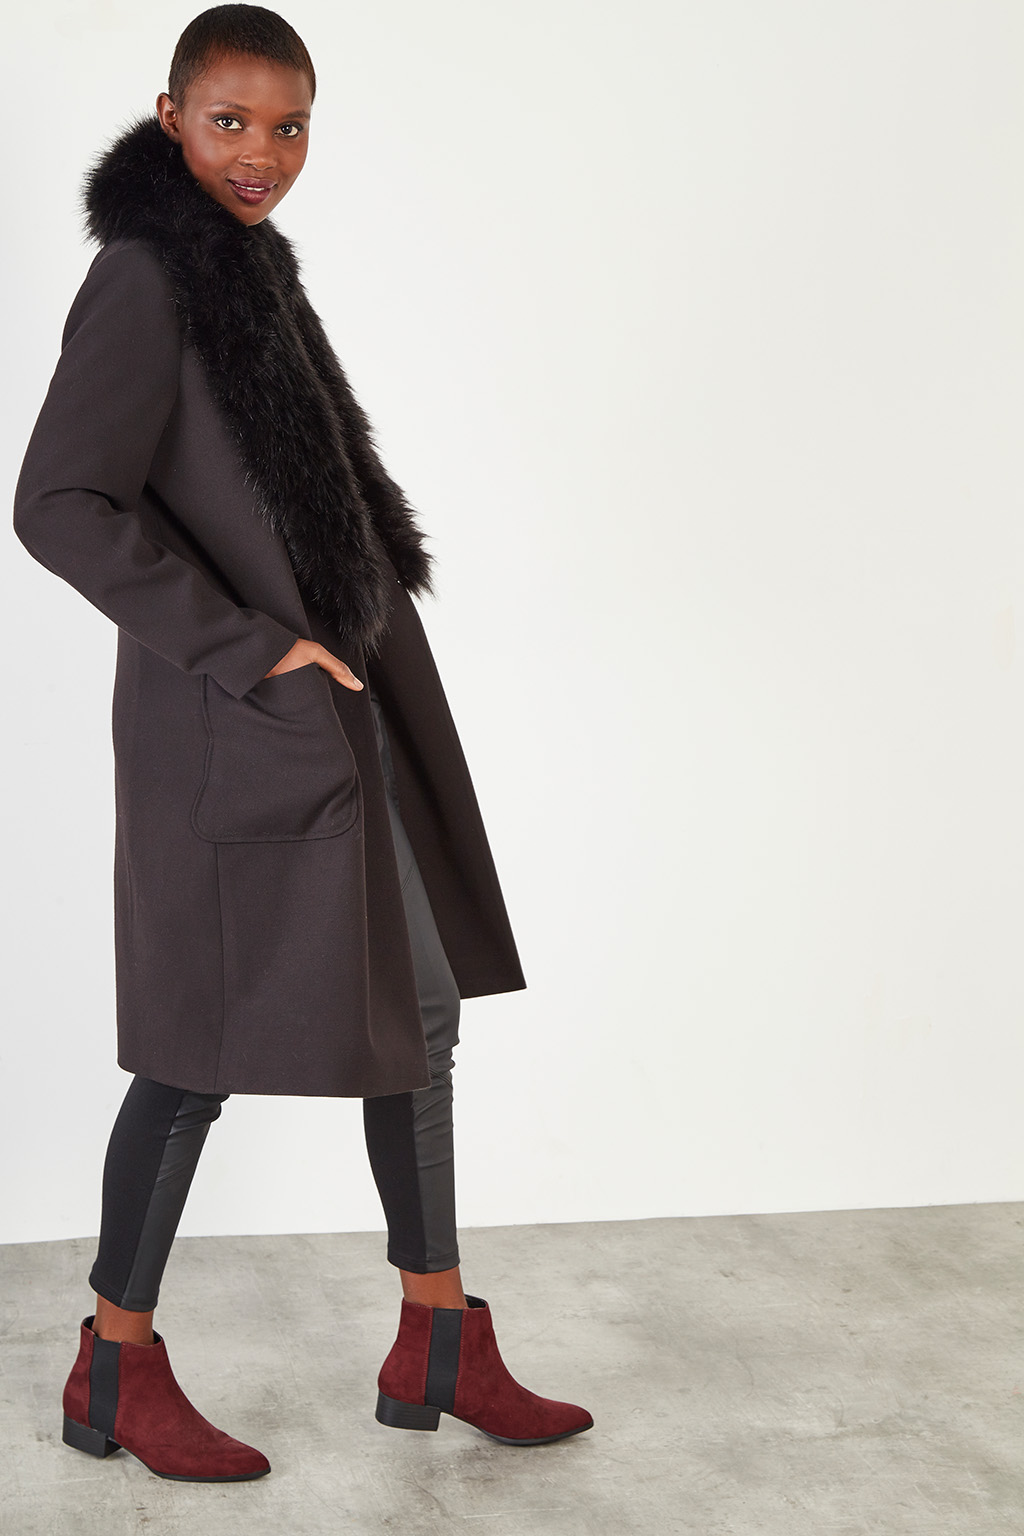 Manteau long noir en fourrure synthétique #collectionIRL, Showroomprivé